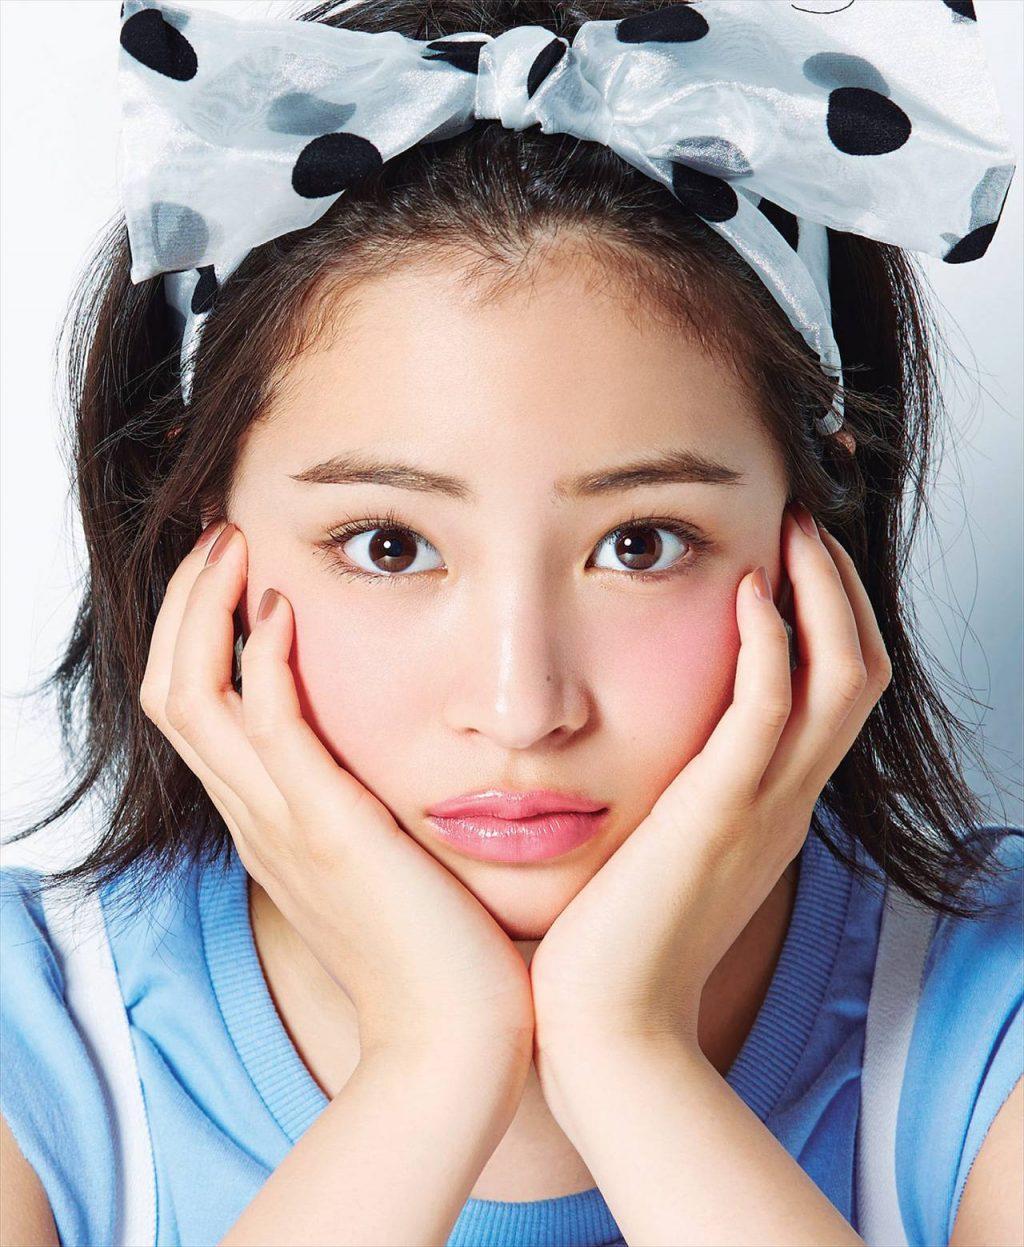 Bảo toàn làn da thiếu nữ như người Nhật với bí quyết massage Tanaka - Hình 2